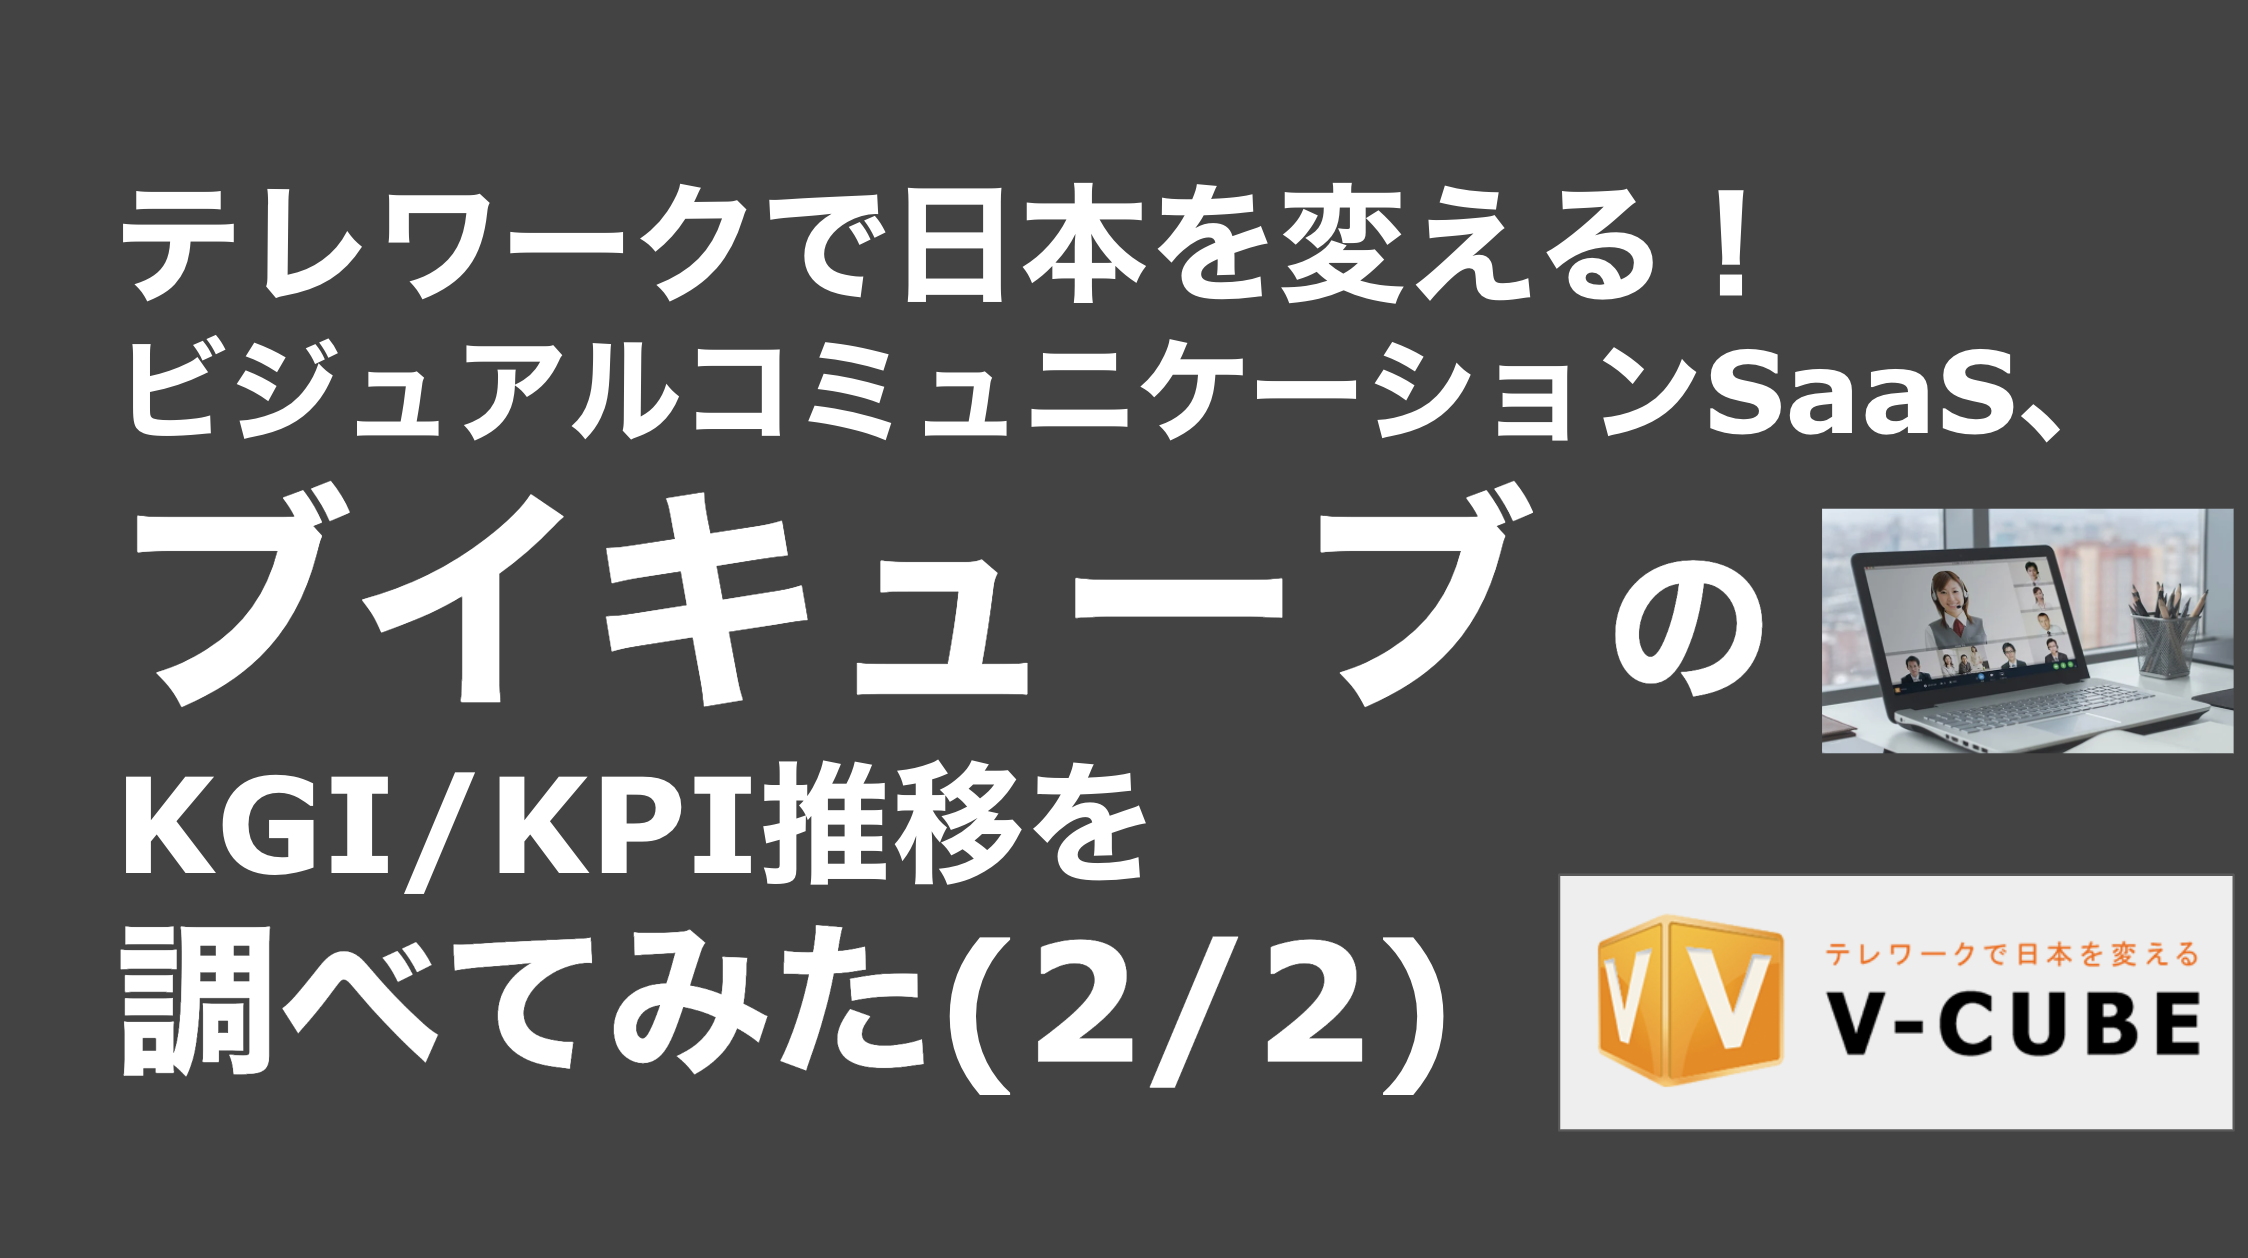 saaslife_テレワークで日本を変える!ビジュアルコミュニケーションSaaS、ブイキューブ のKGI/KPI推移を調べてみた(2/2)